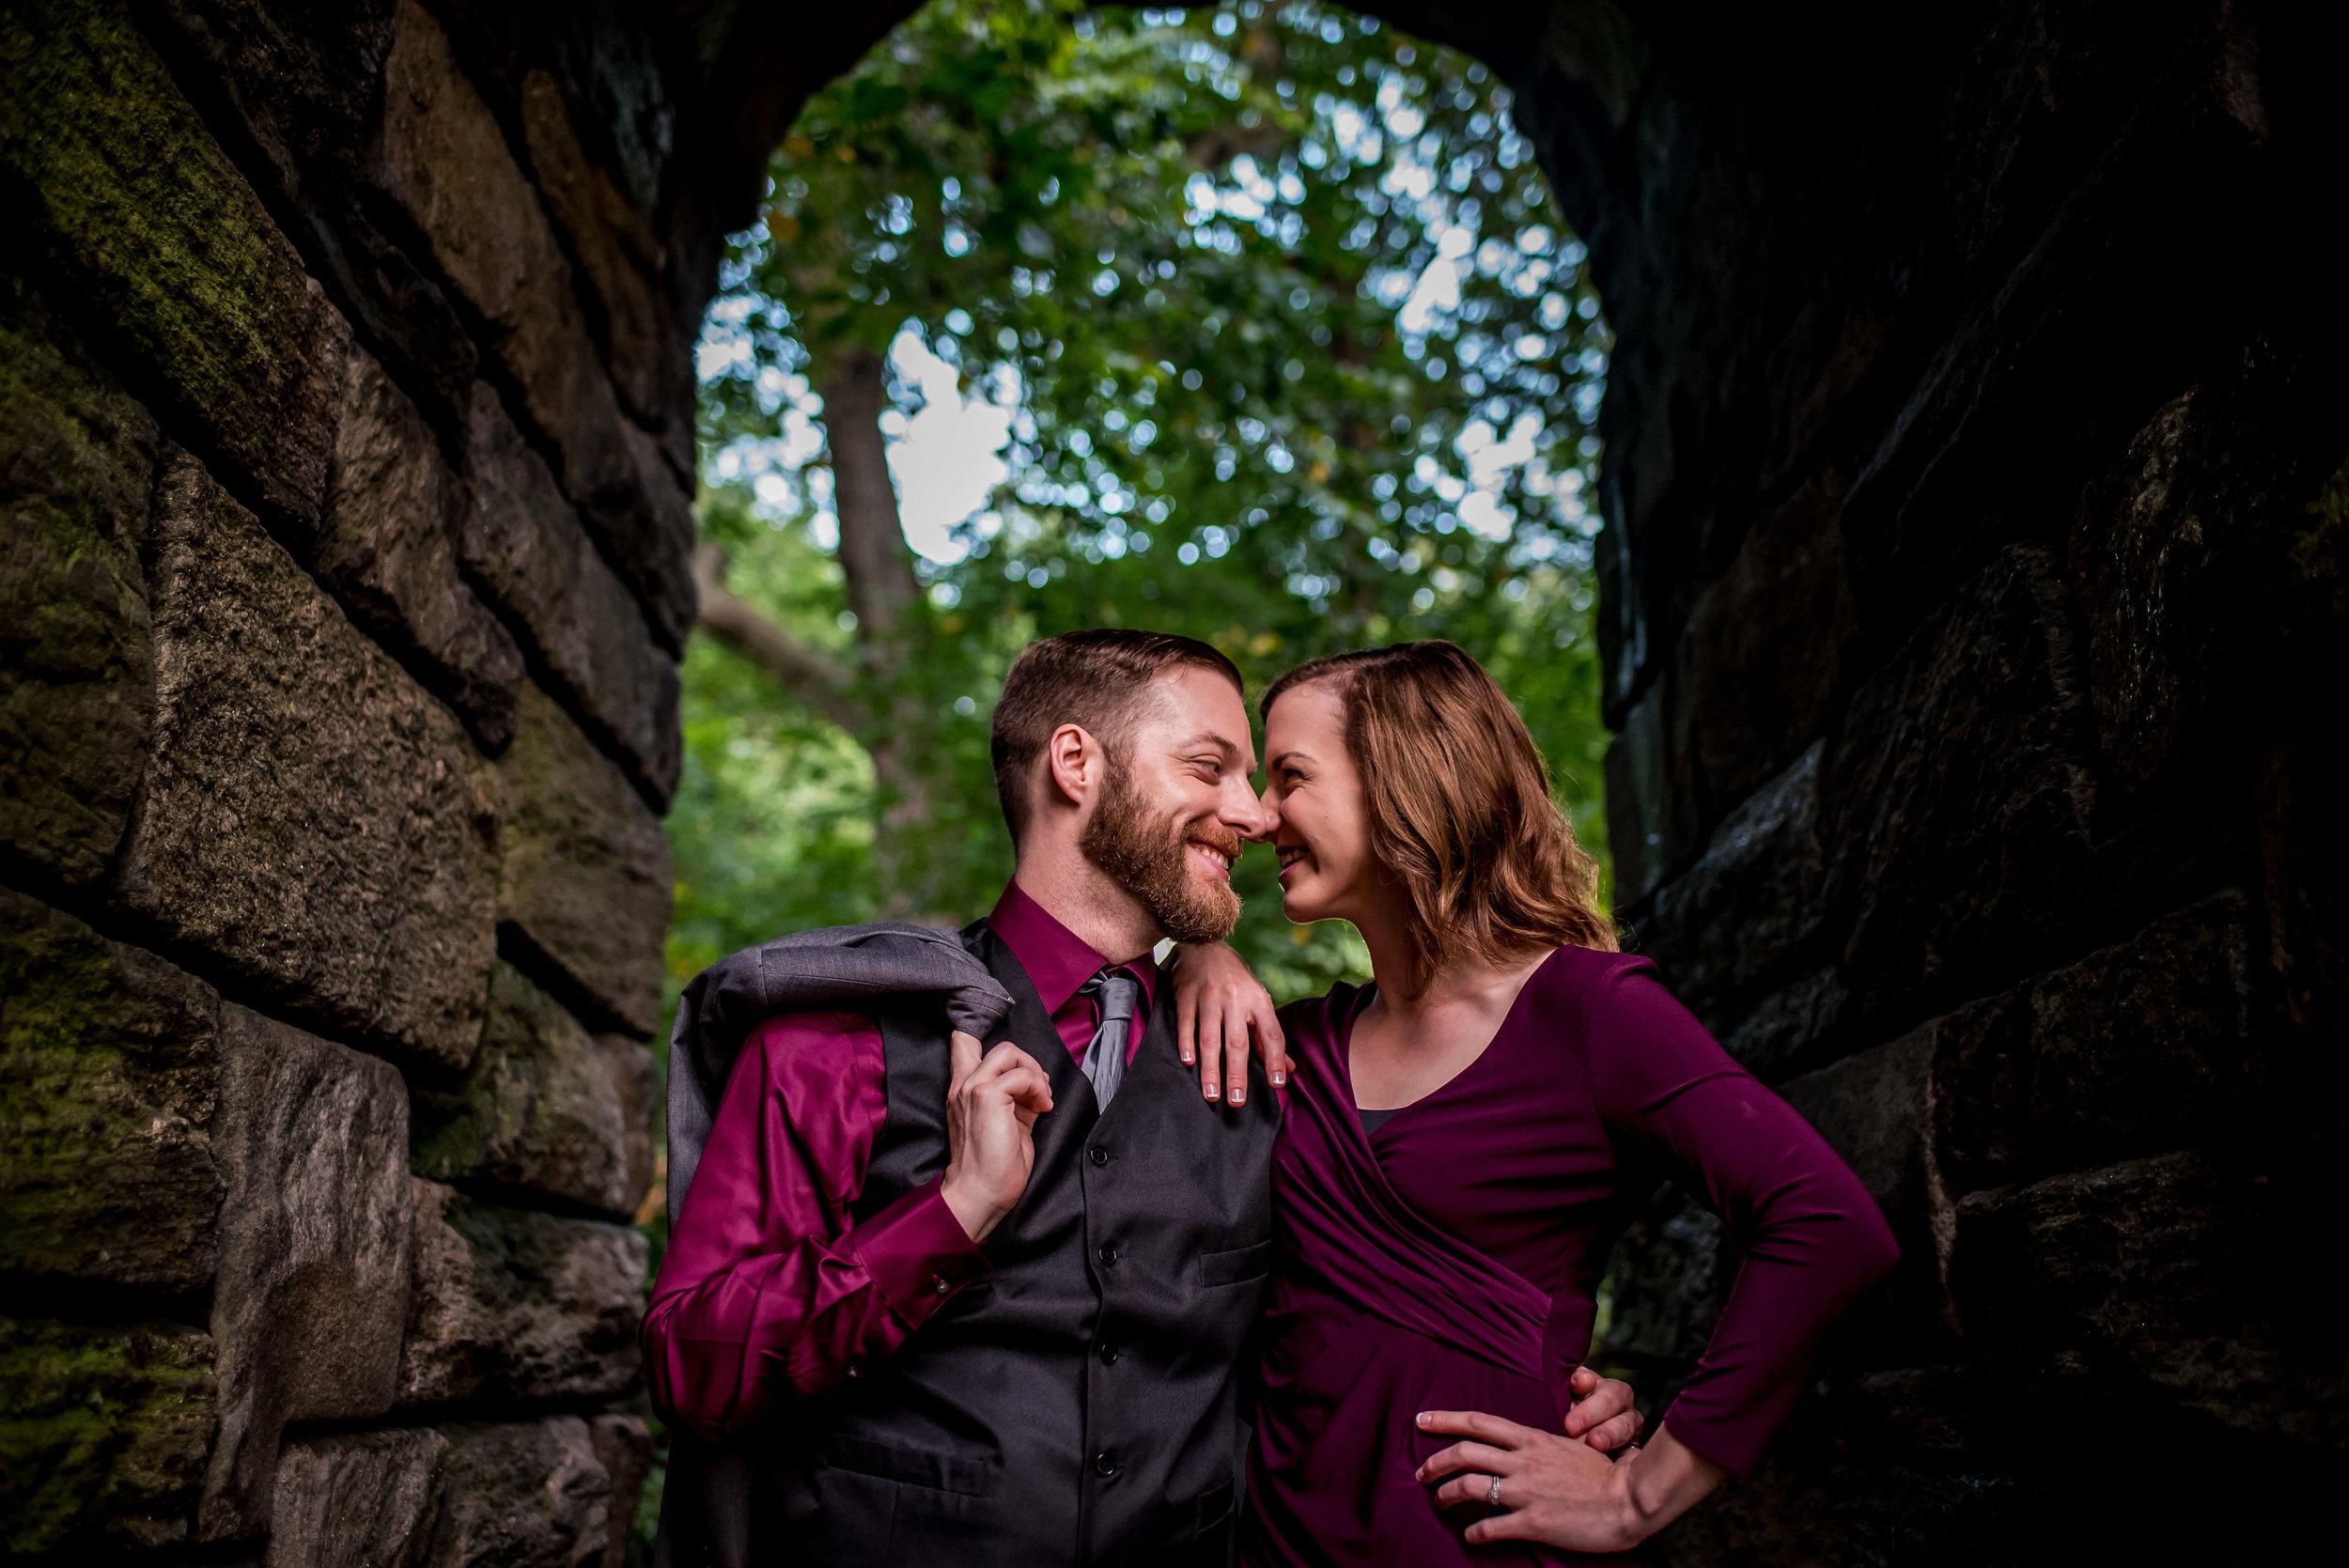 maddie_and_josh_central_park_5_year_wedding_anniversary__084.jpg